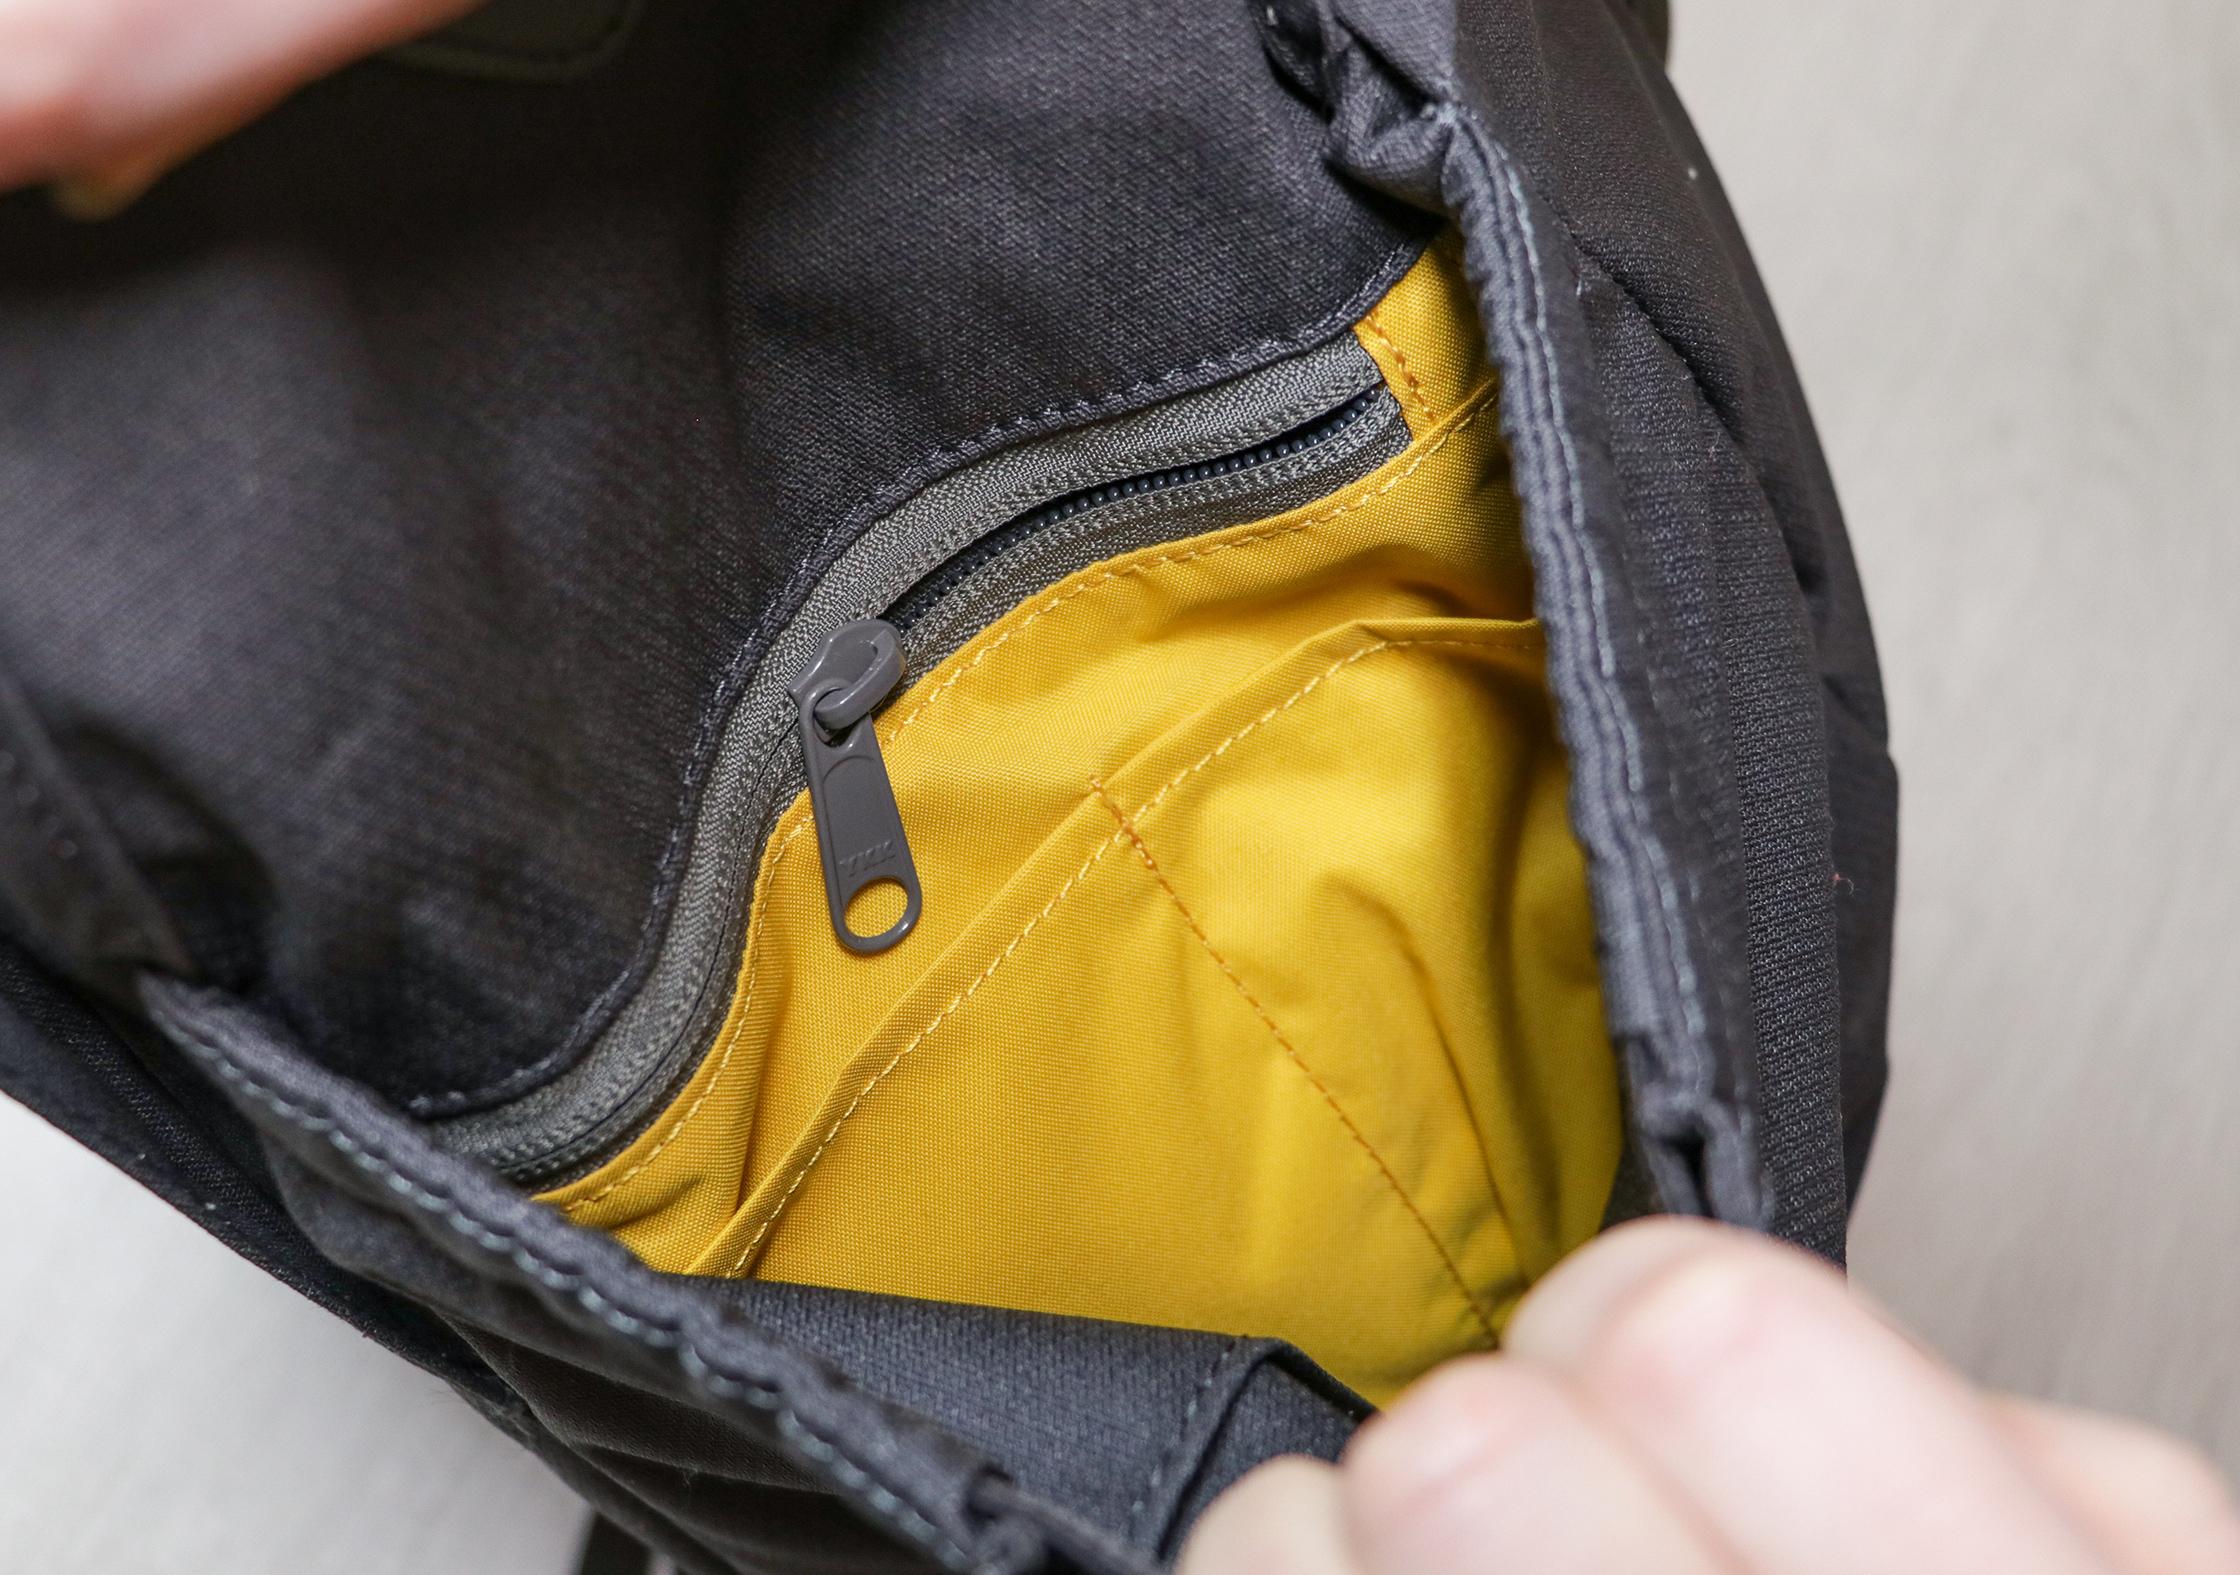 Millican Fraser Rucksack 32L Front Left Pocket Organization